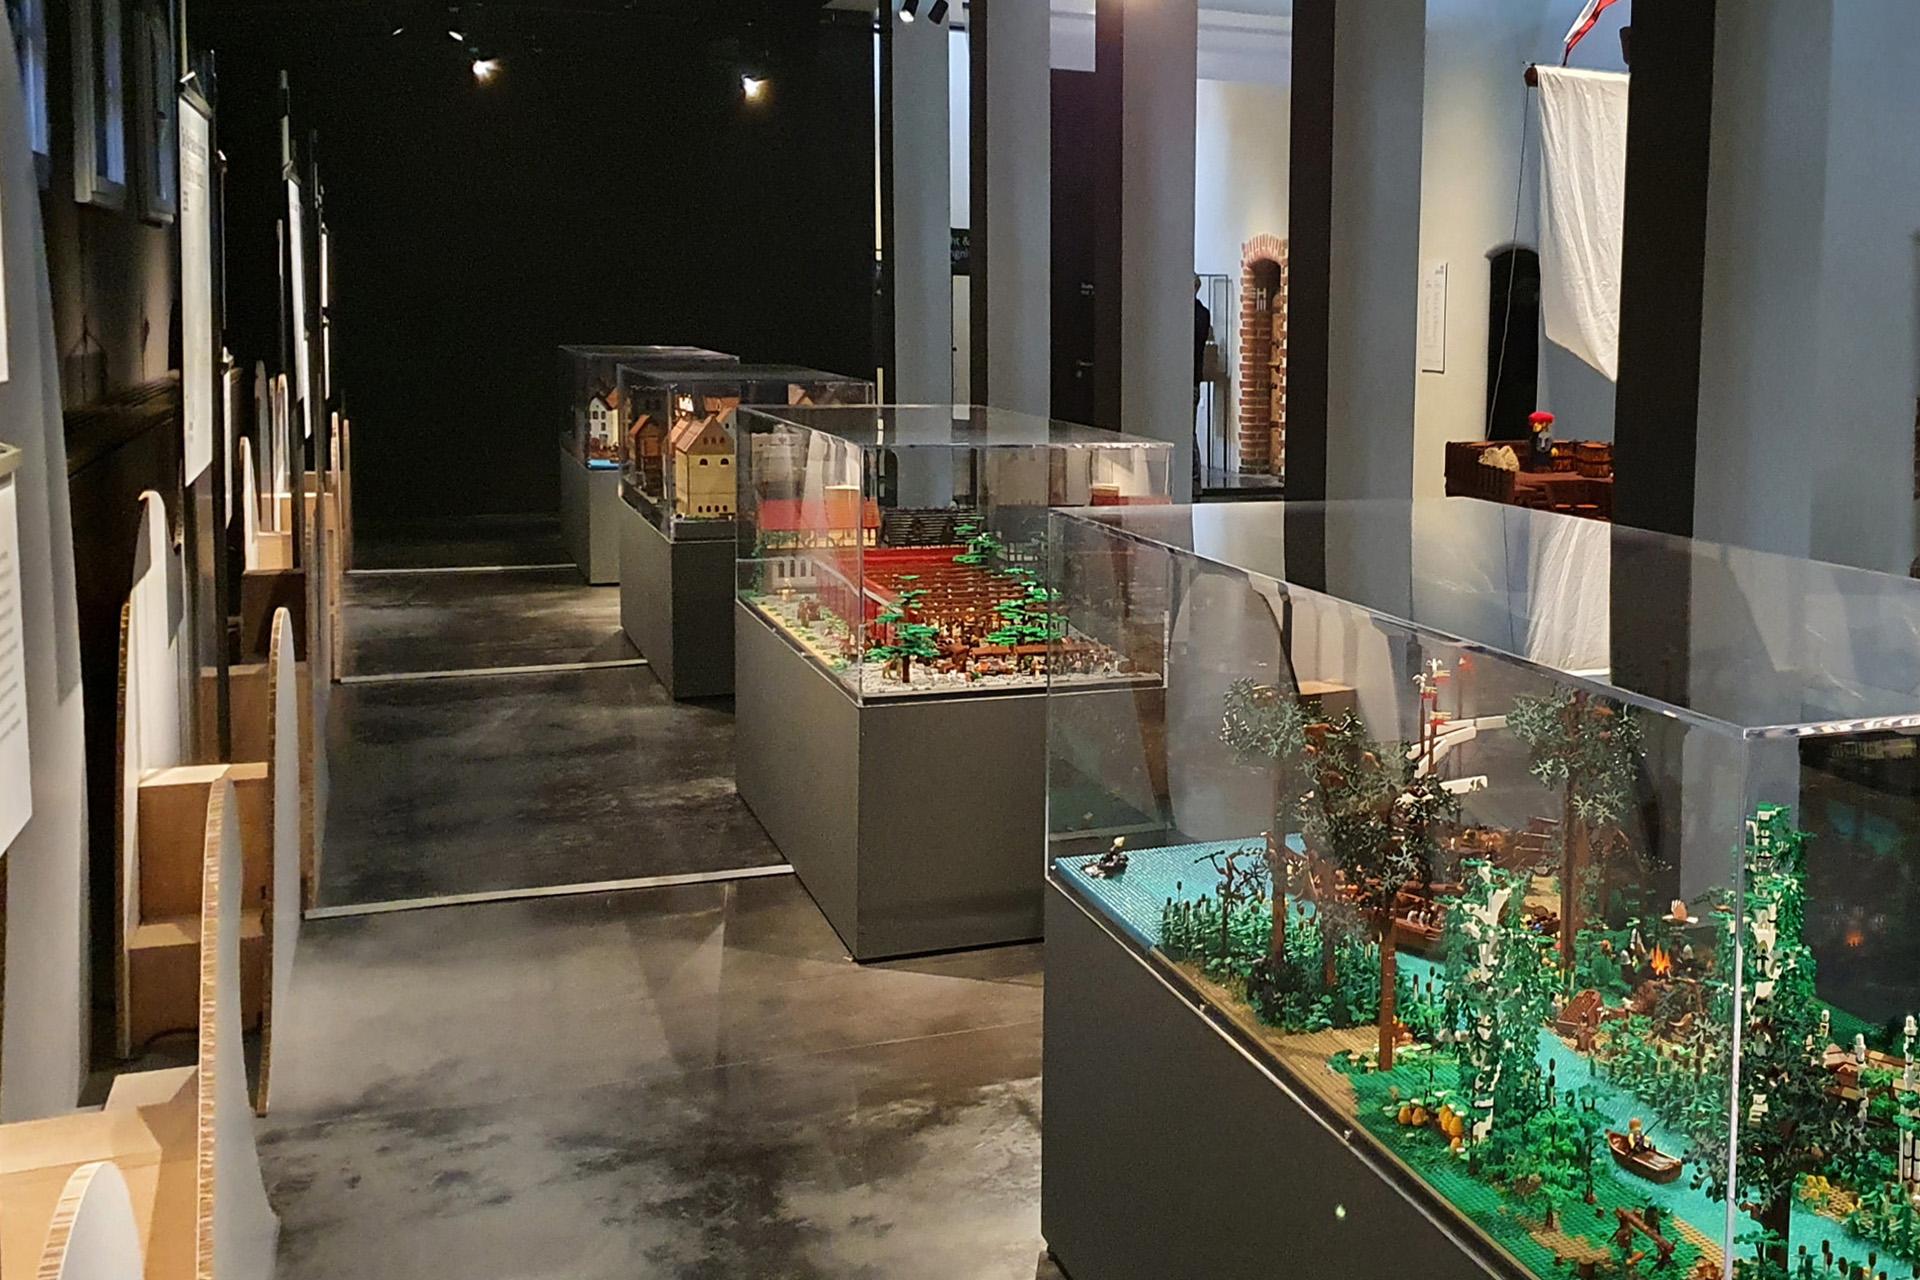 Eröffnung der Sonderausstellung »Hanse steinreich. Eine LEGO Zeitreise« am 28.05.21 im Europäischen Hansemuseum in Lübeck